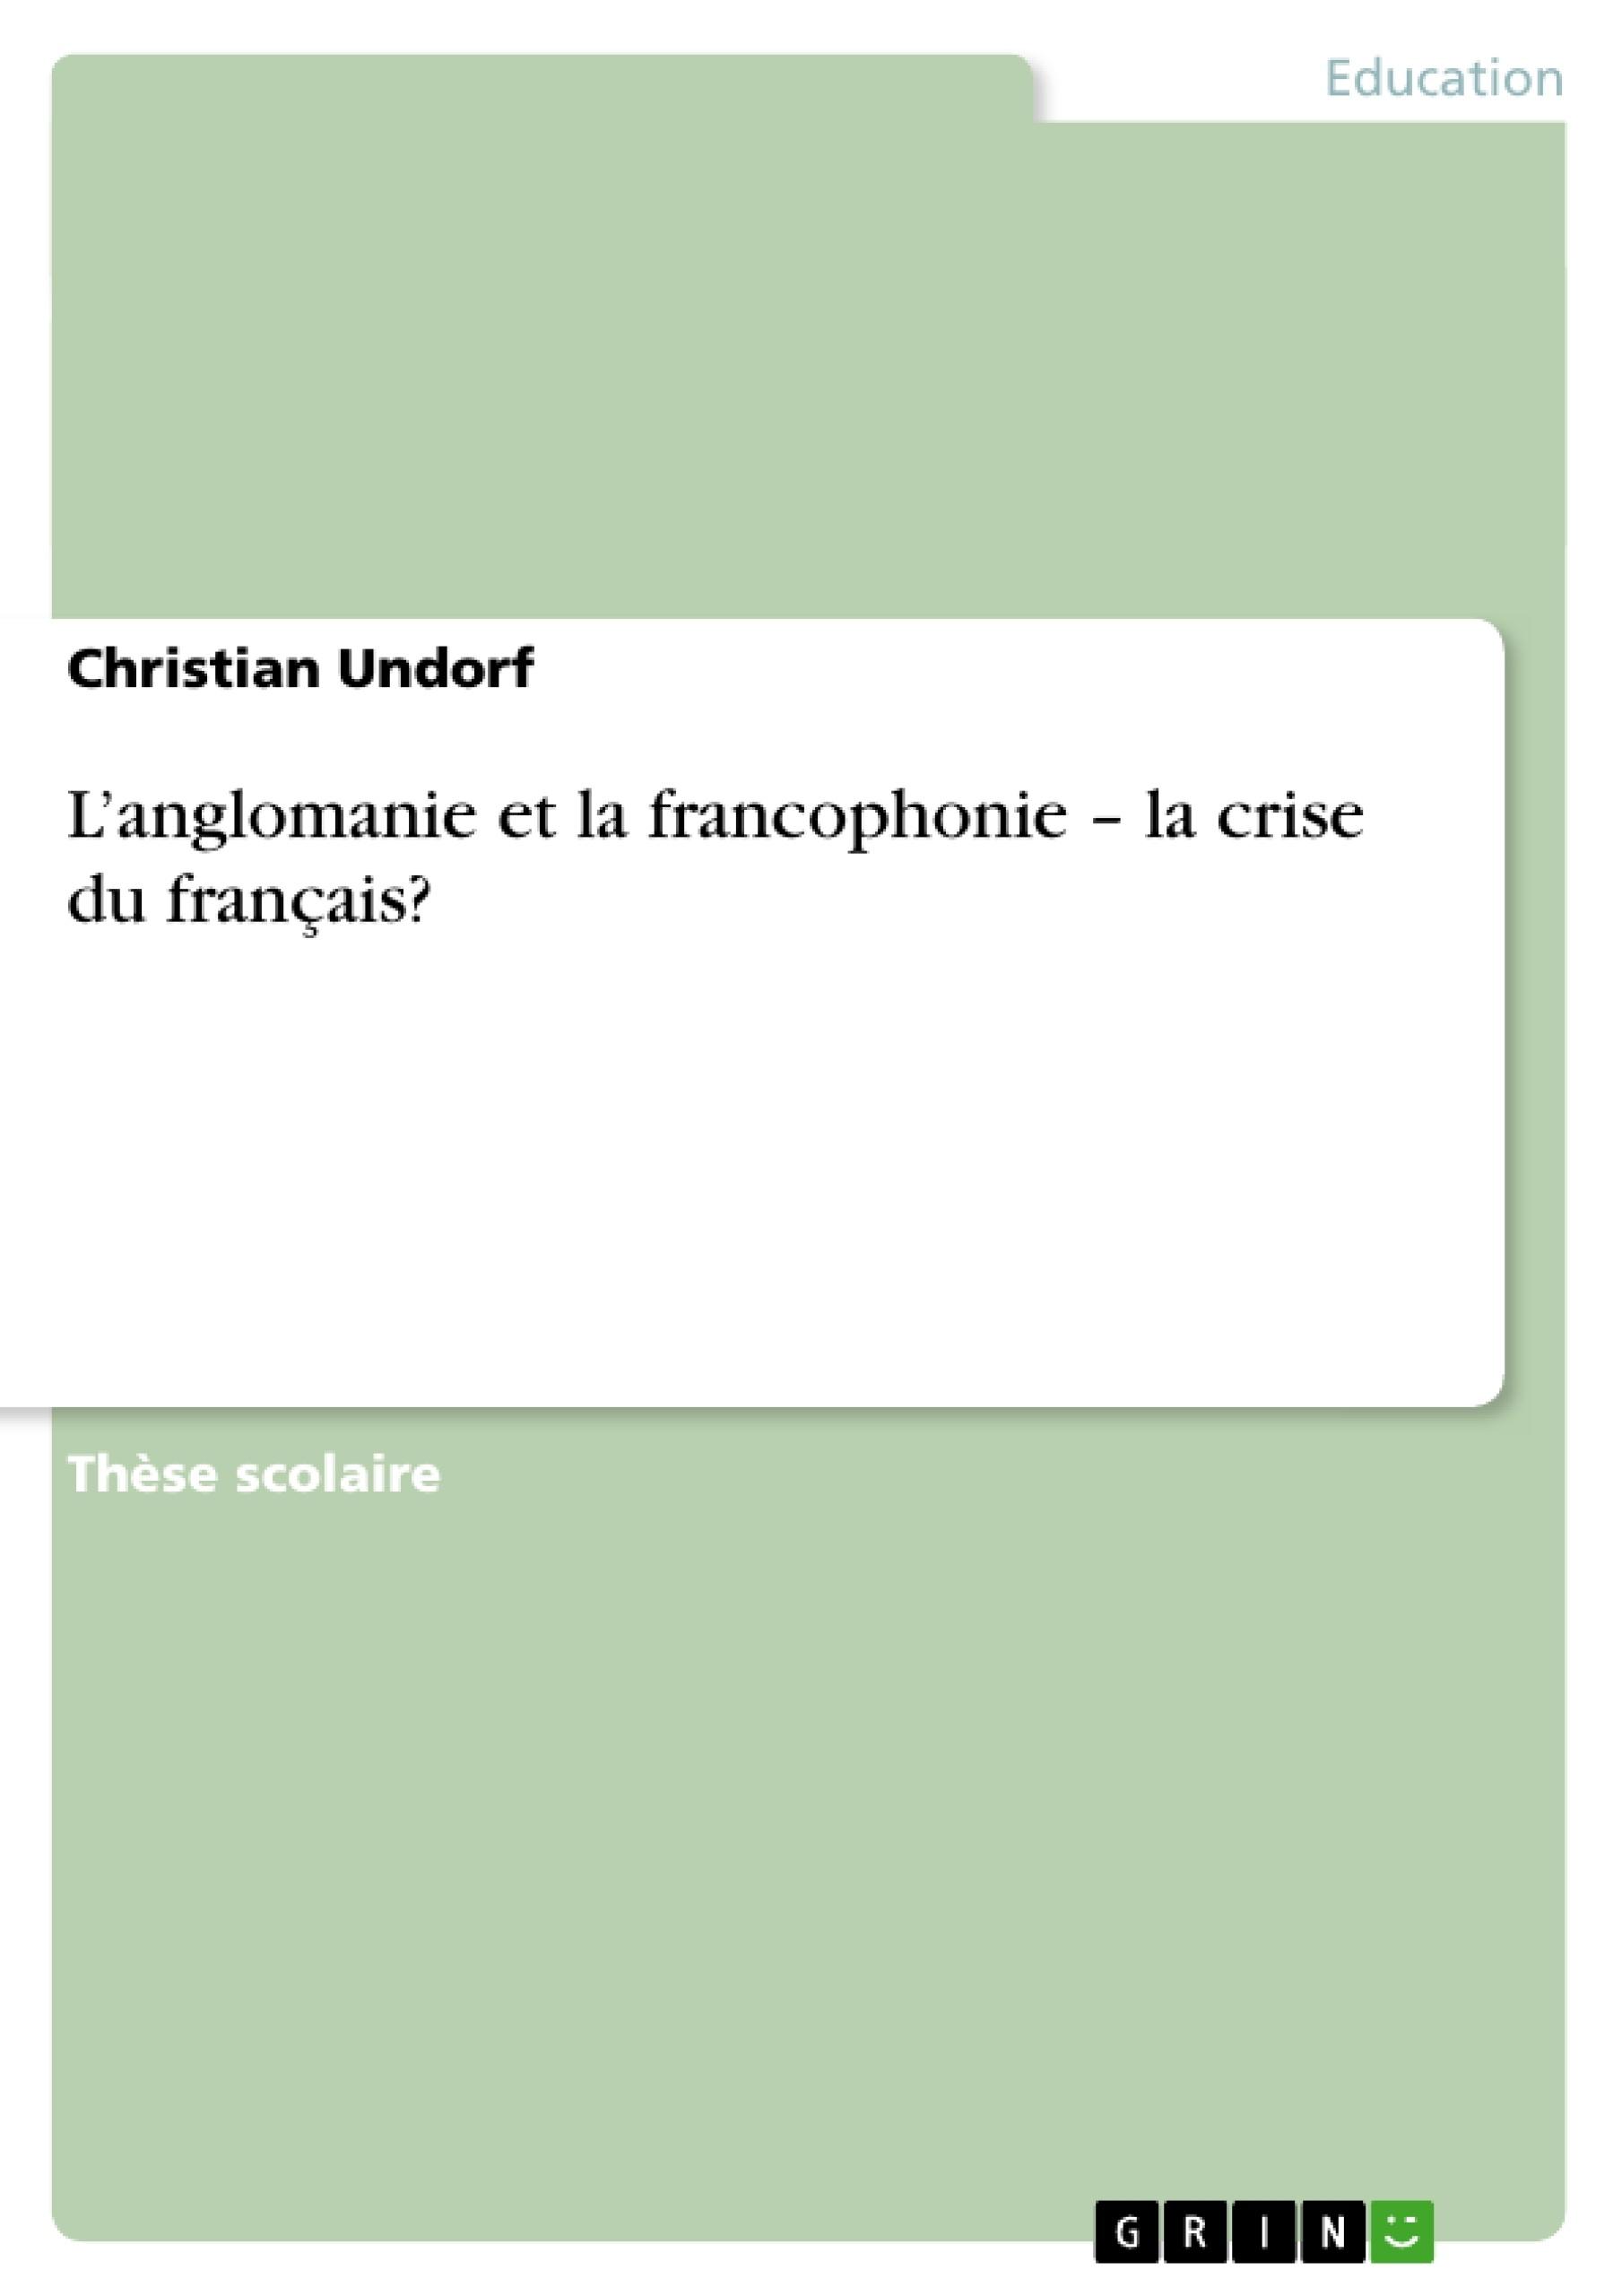 Titre: L'anglomanie et la francophonie – la crise du français?